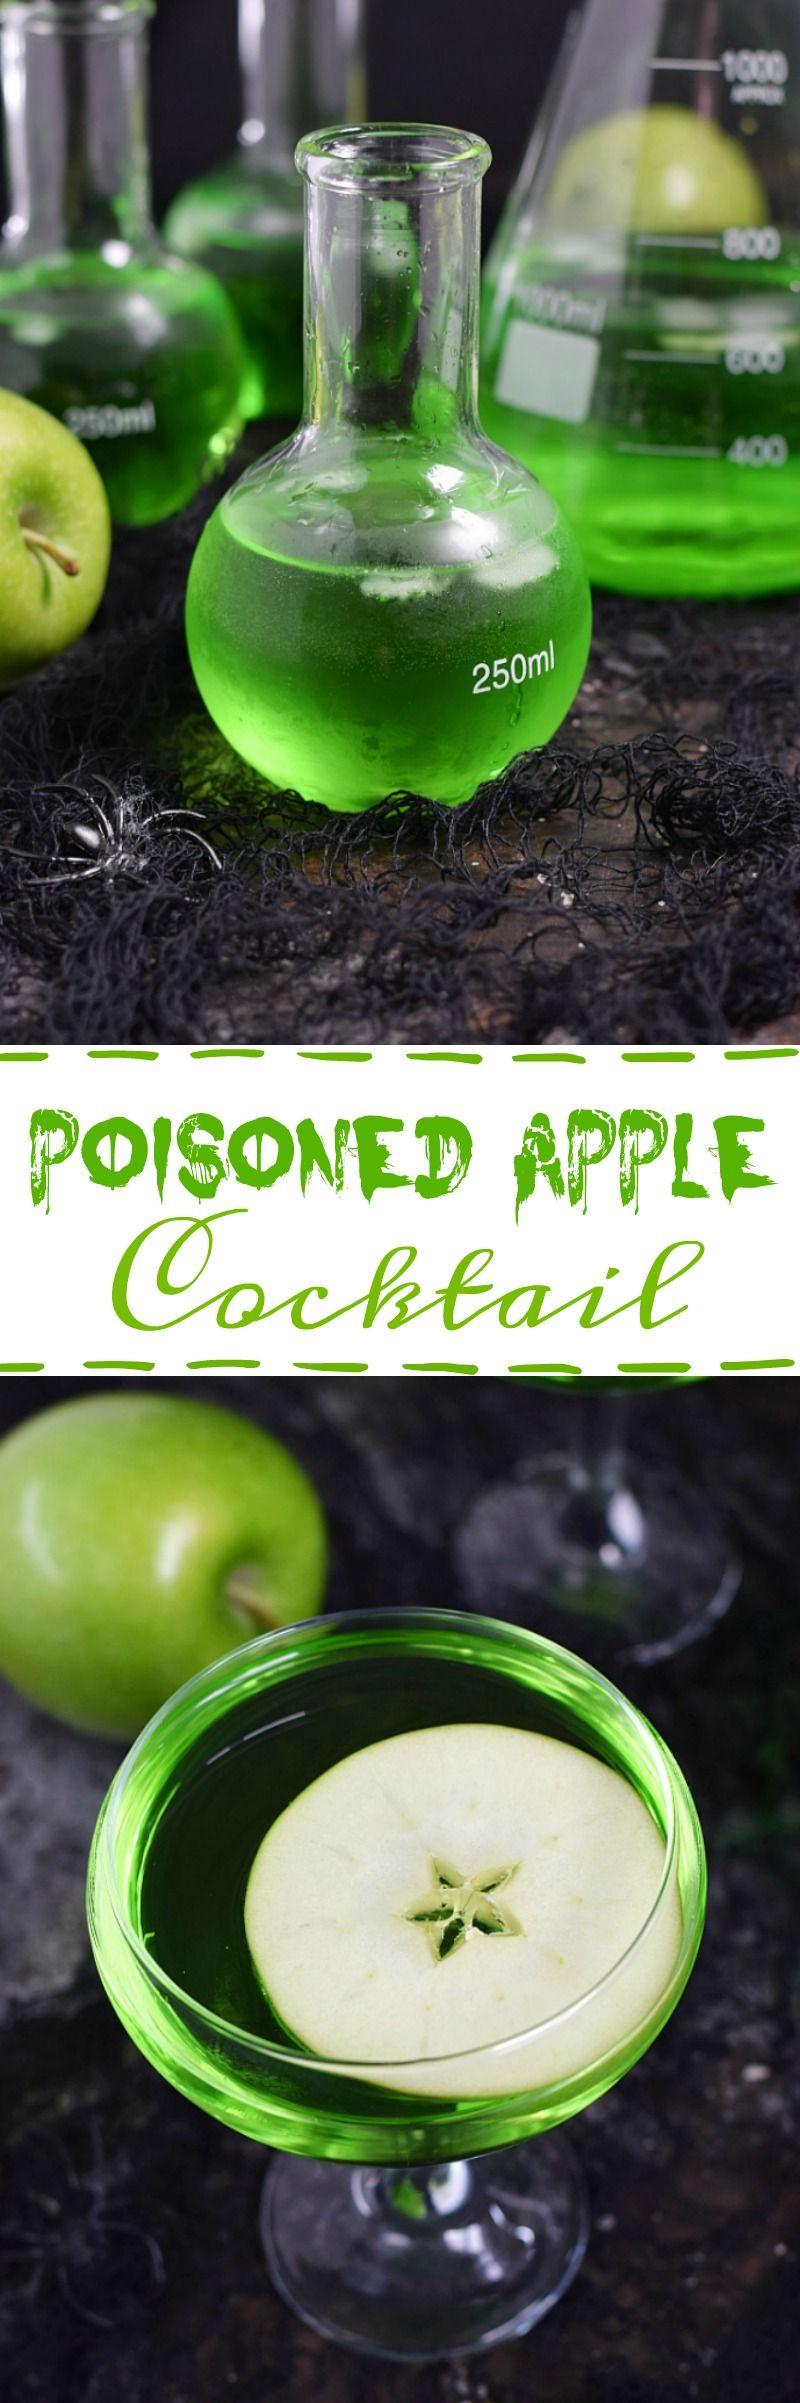 Poisoned Apple Cocktail | Rezept | Pinterest | Getränke, Alkohol und ...